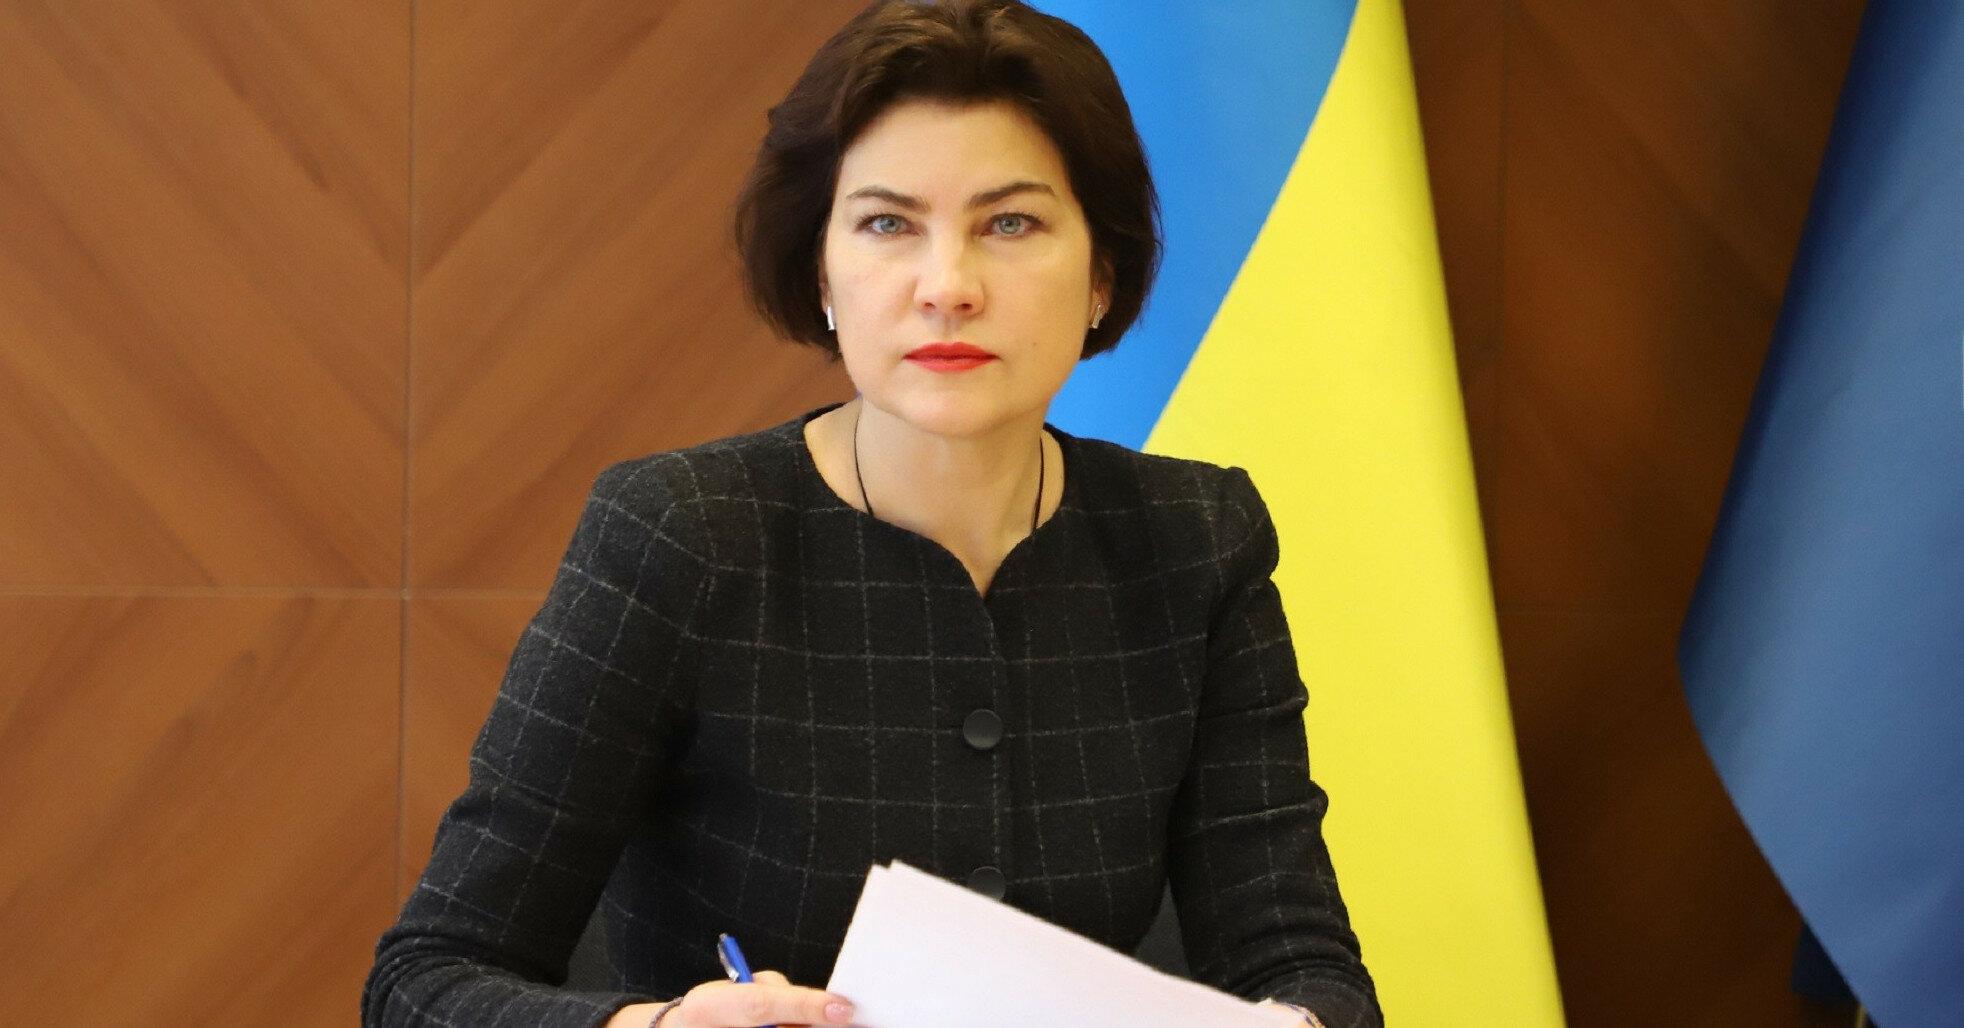 Украина подаст в РФ новый запрос на экстрадицию Януковича